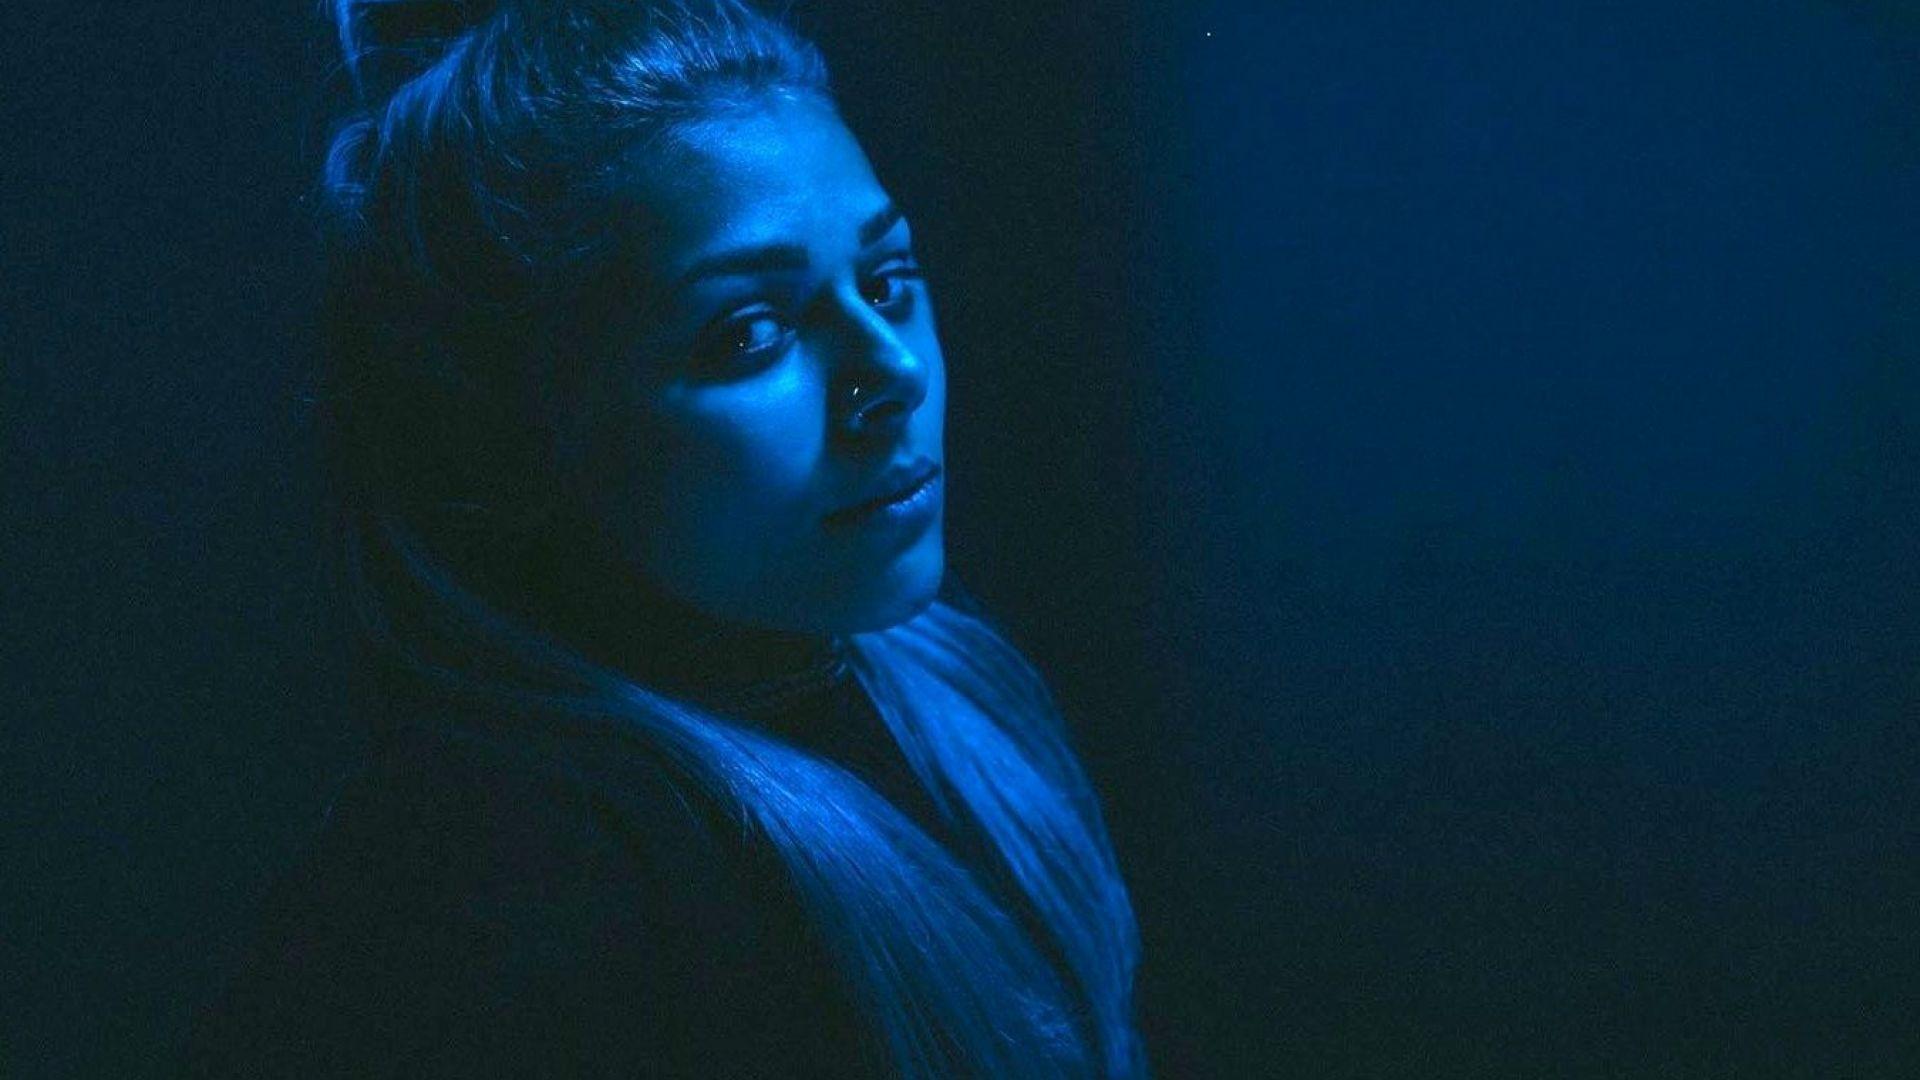 Виктория представя песента си за Евровизия пред 10 хил. души в Амстердам